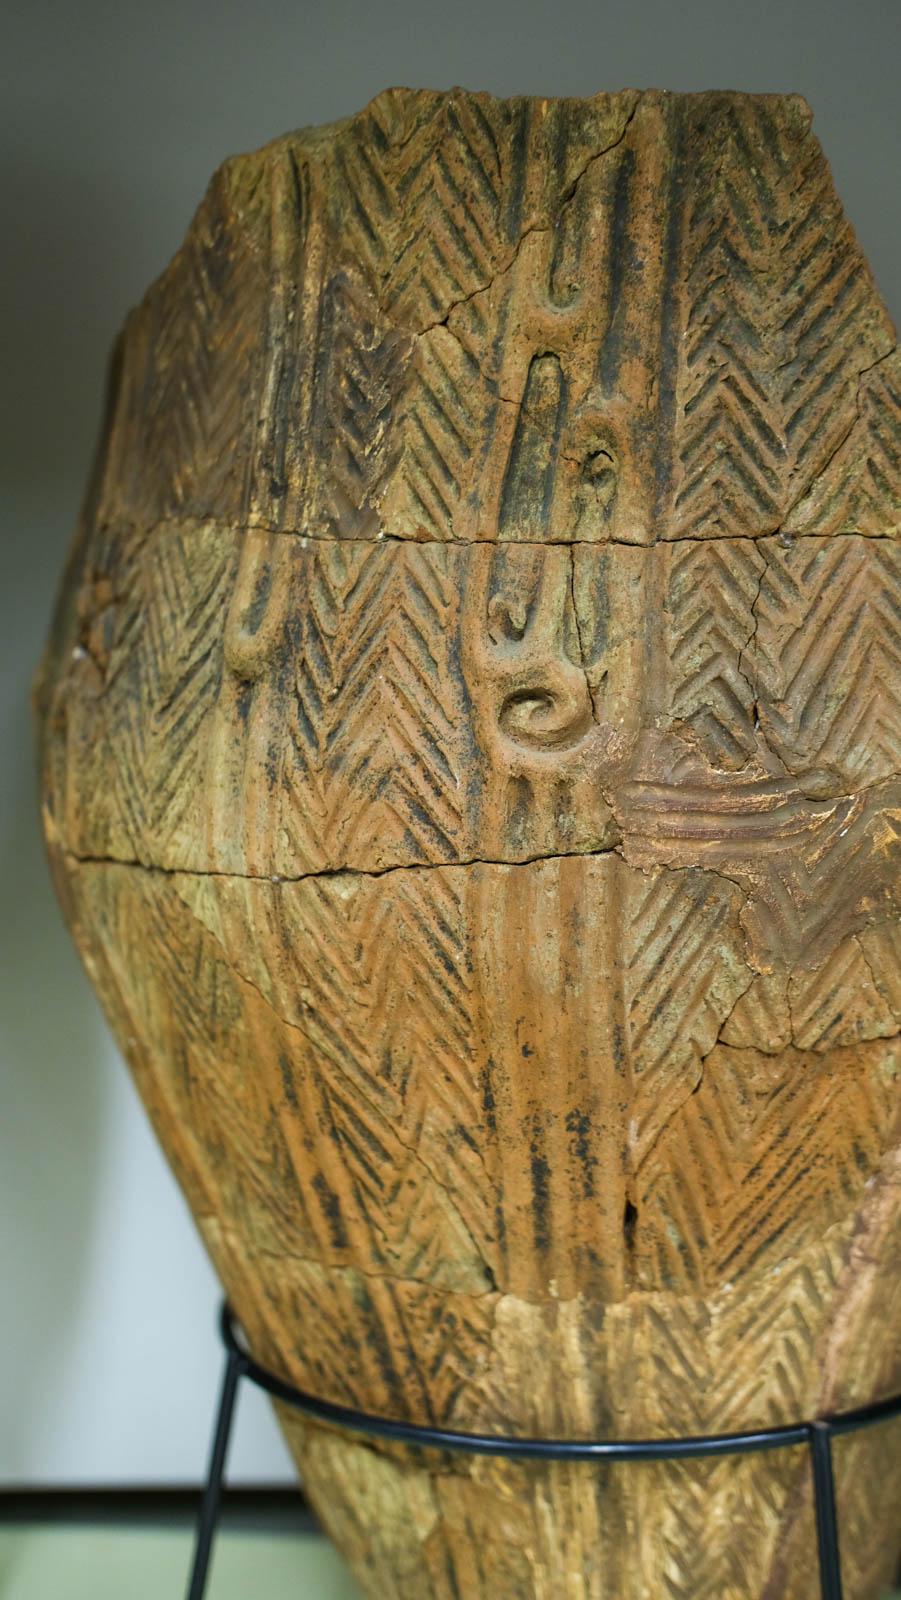 複雑なデザインの縄文土器